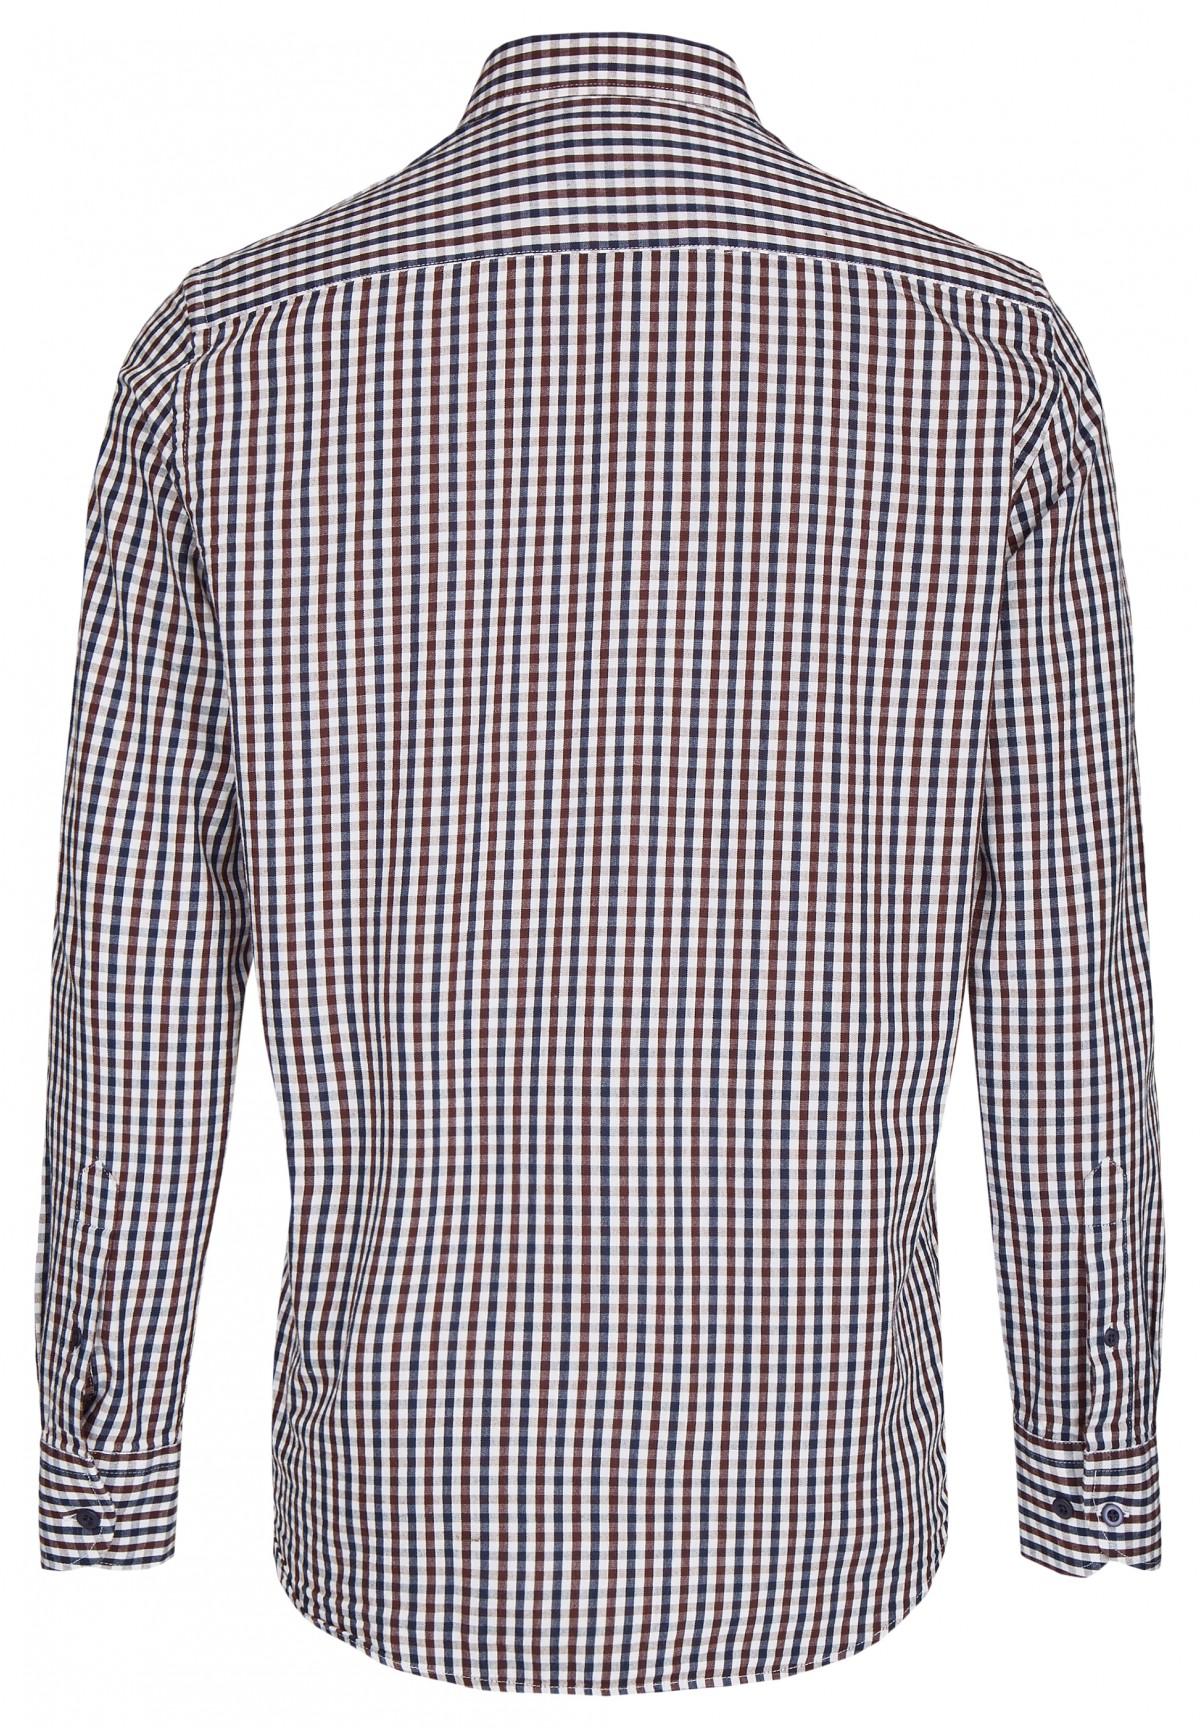 Freizeithemd in Karo-Muster / Freizeithemd in Karo-Muster